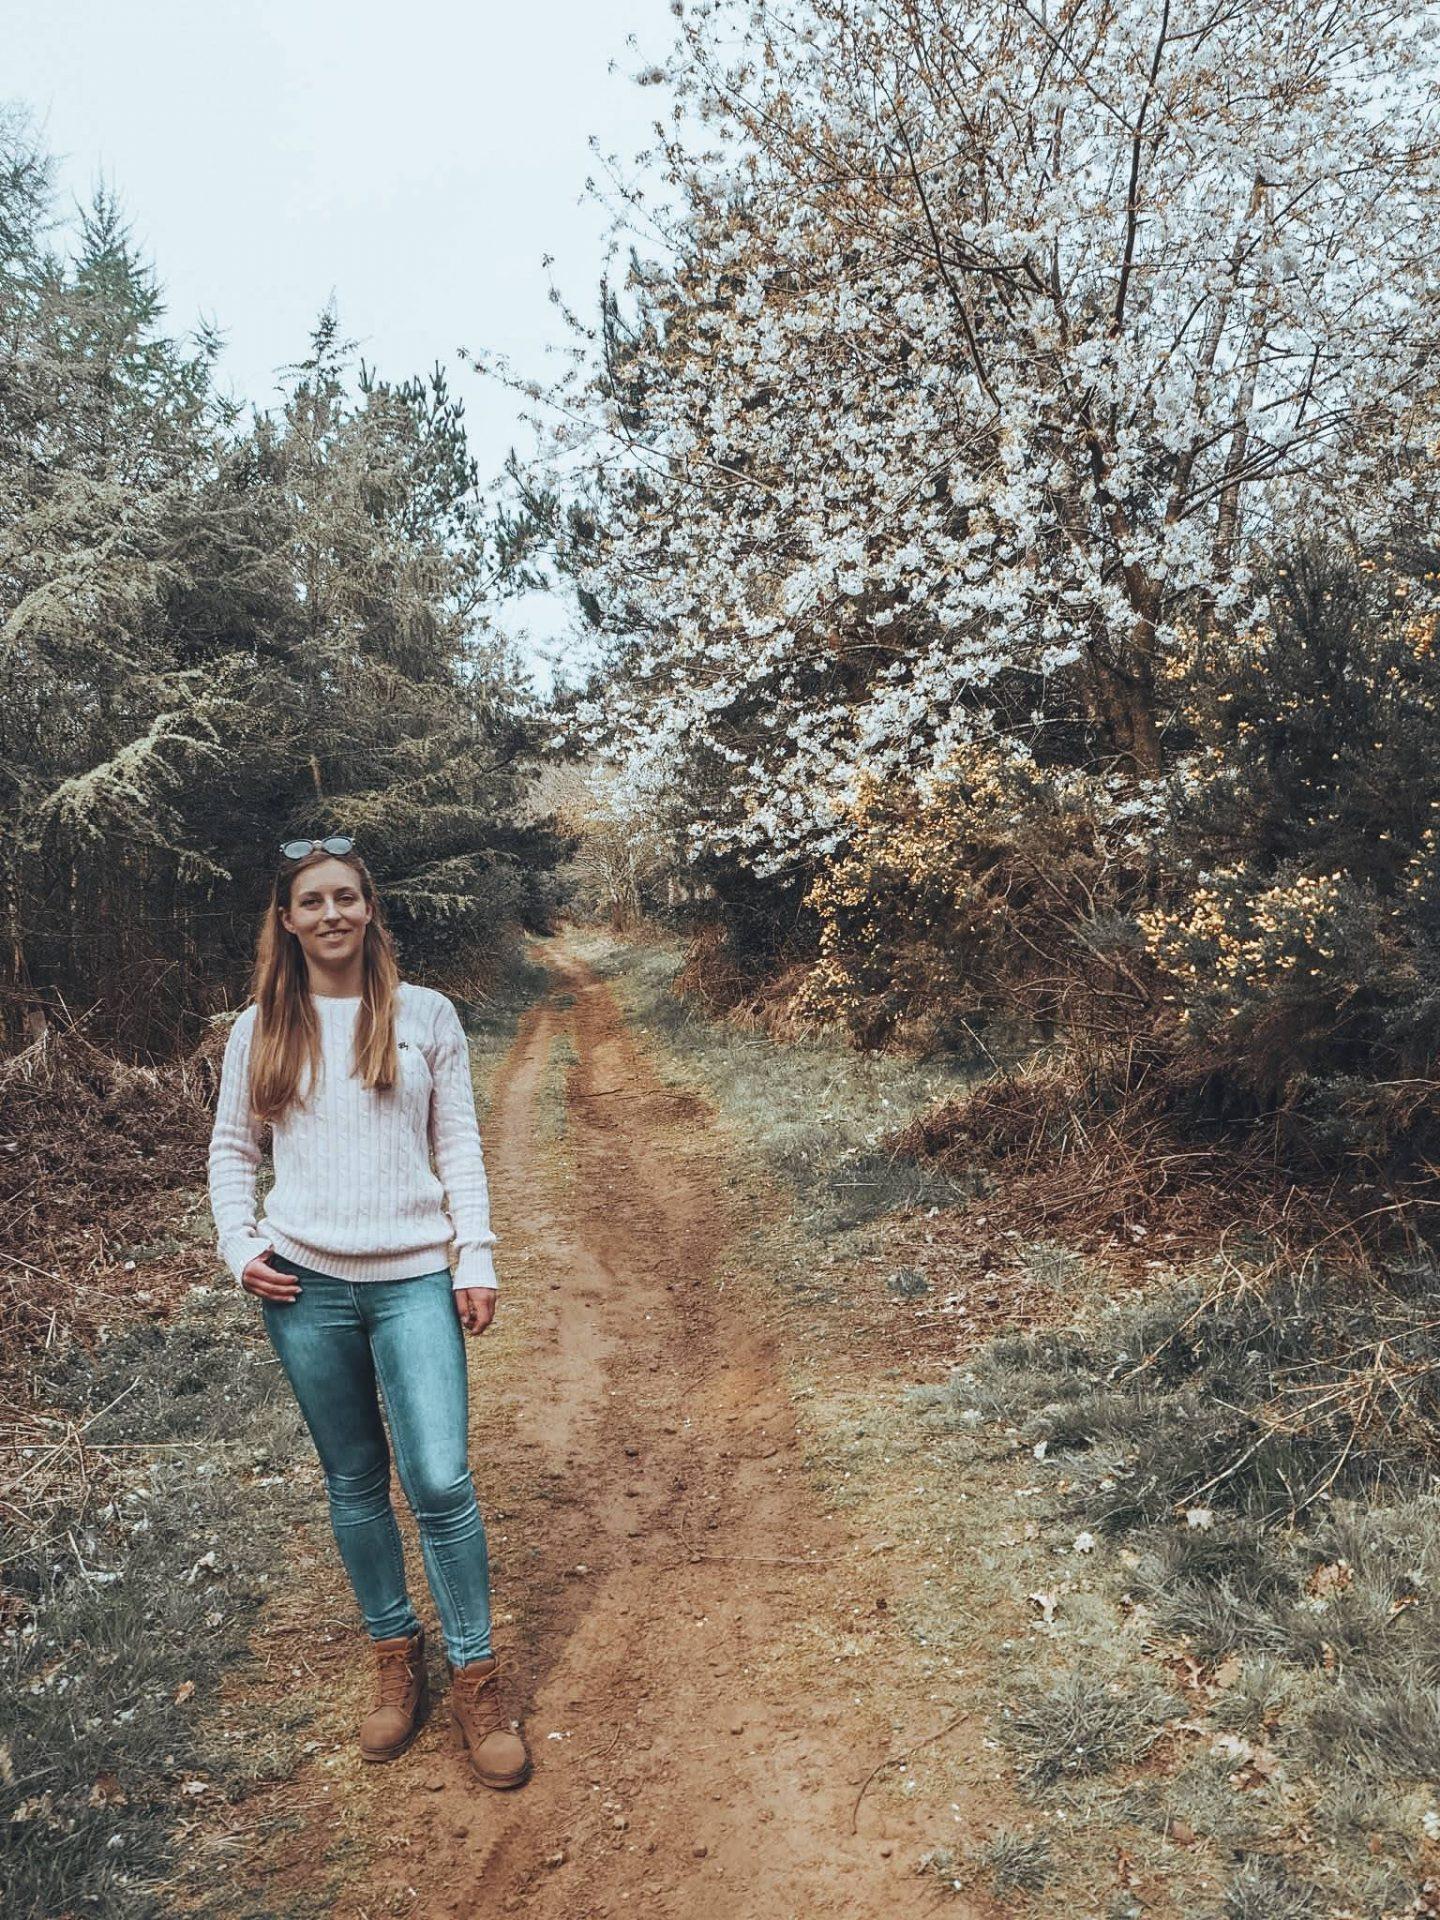 On a walk through Bedfordshire's Aspley Woods